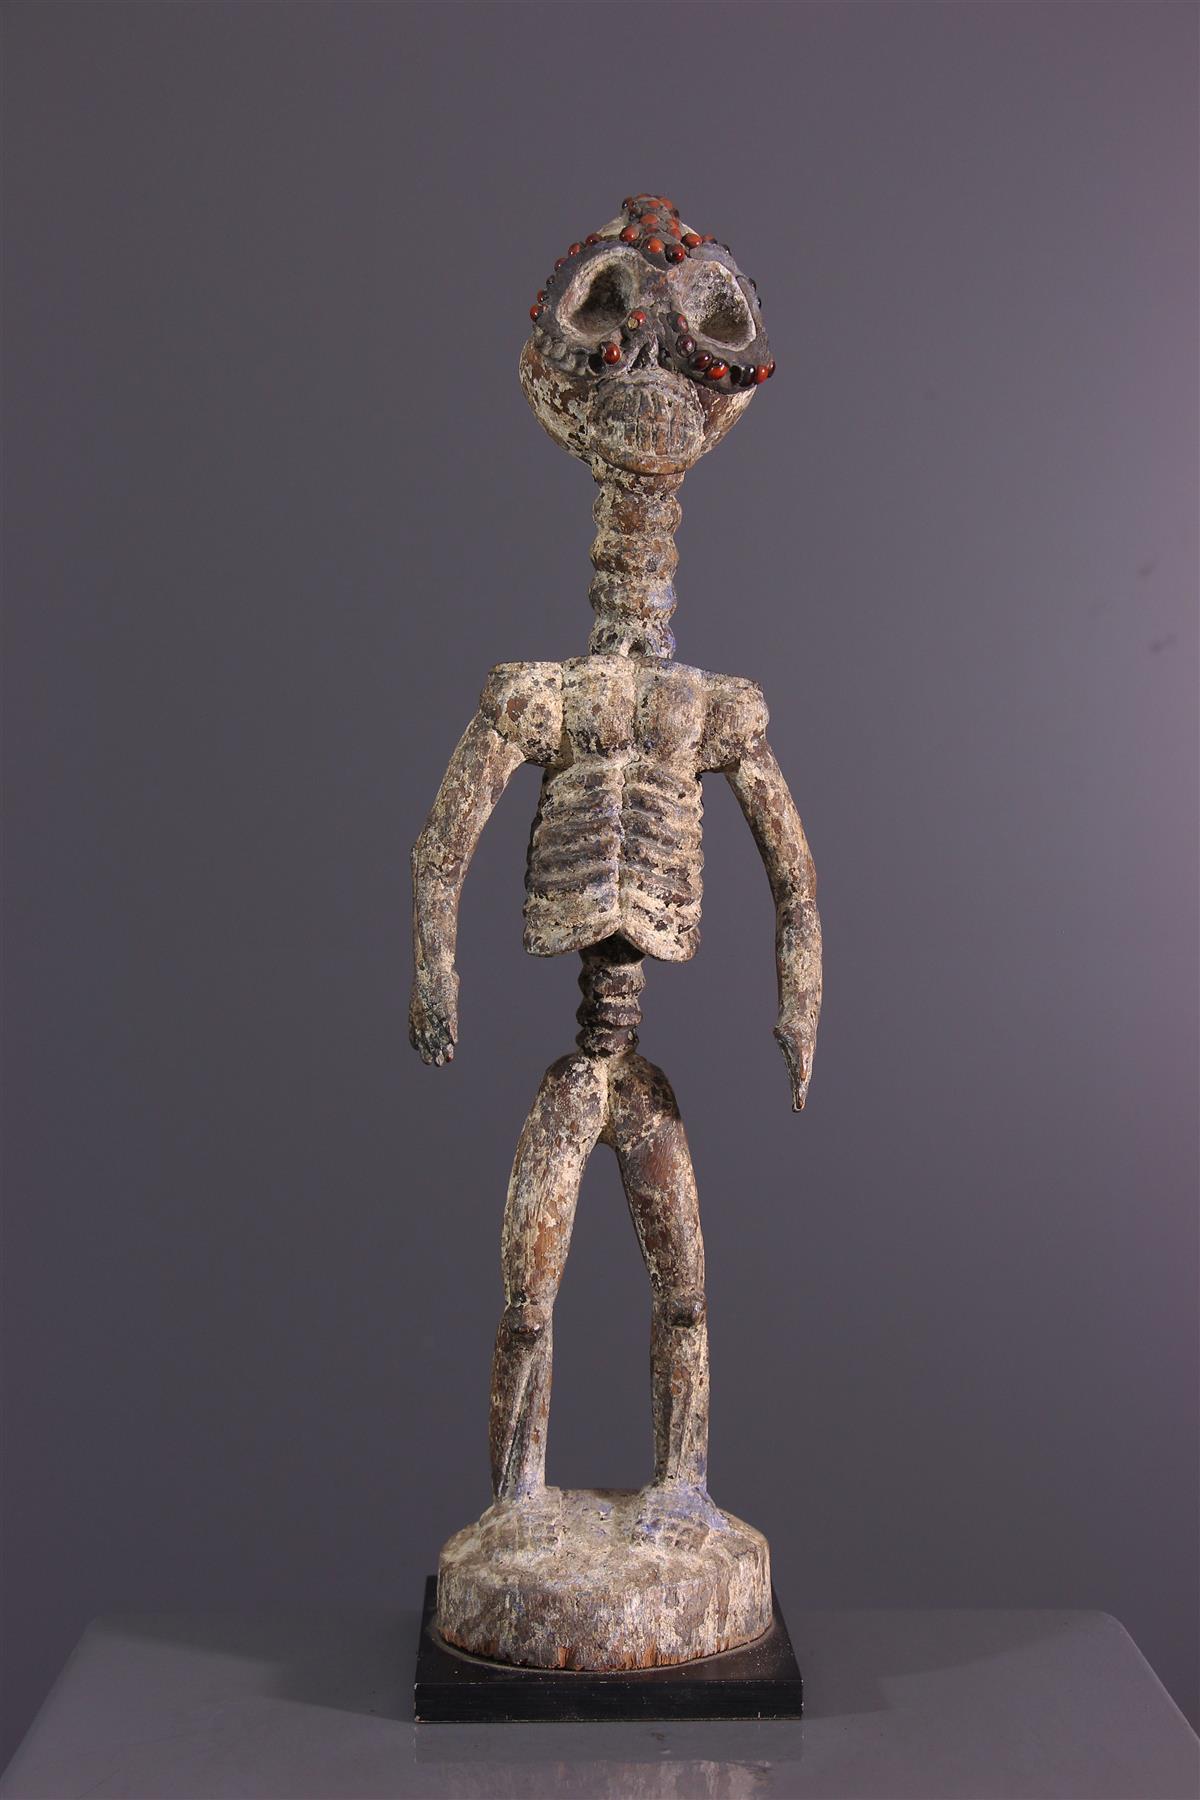 Tiv figure - African art